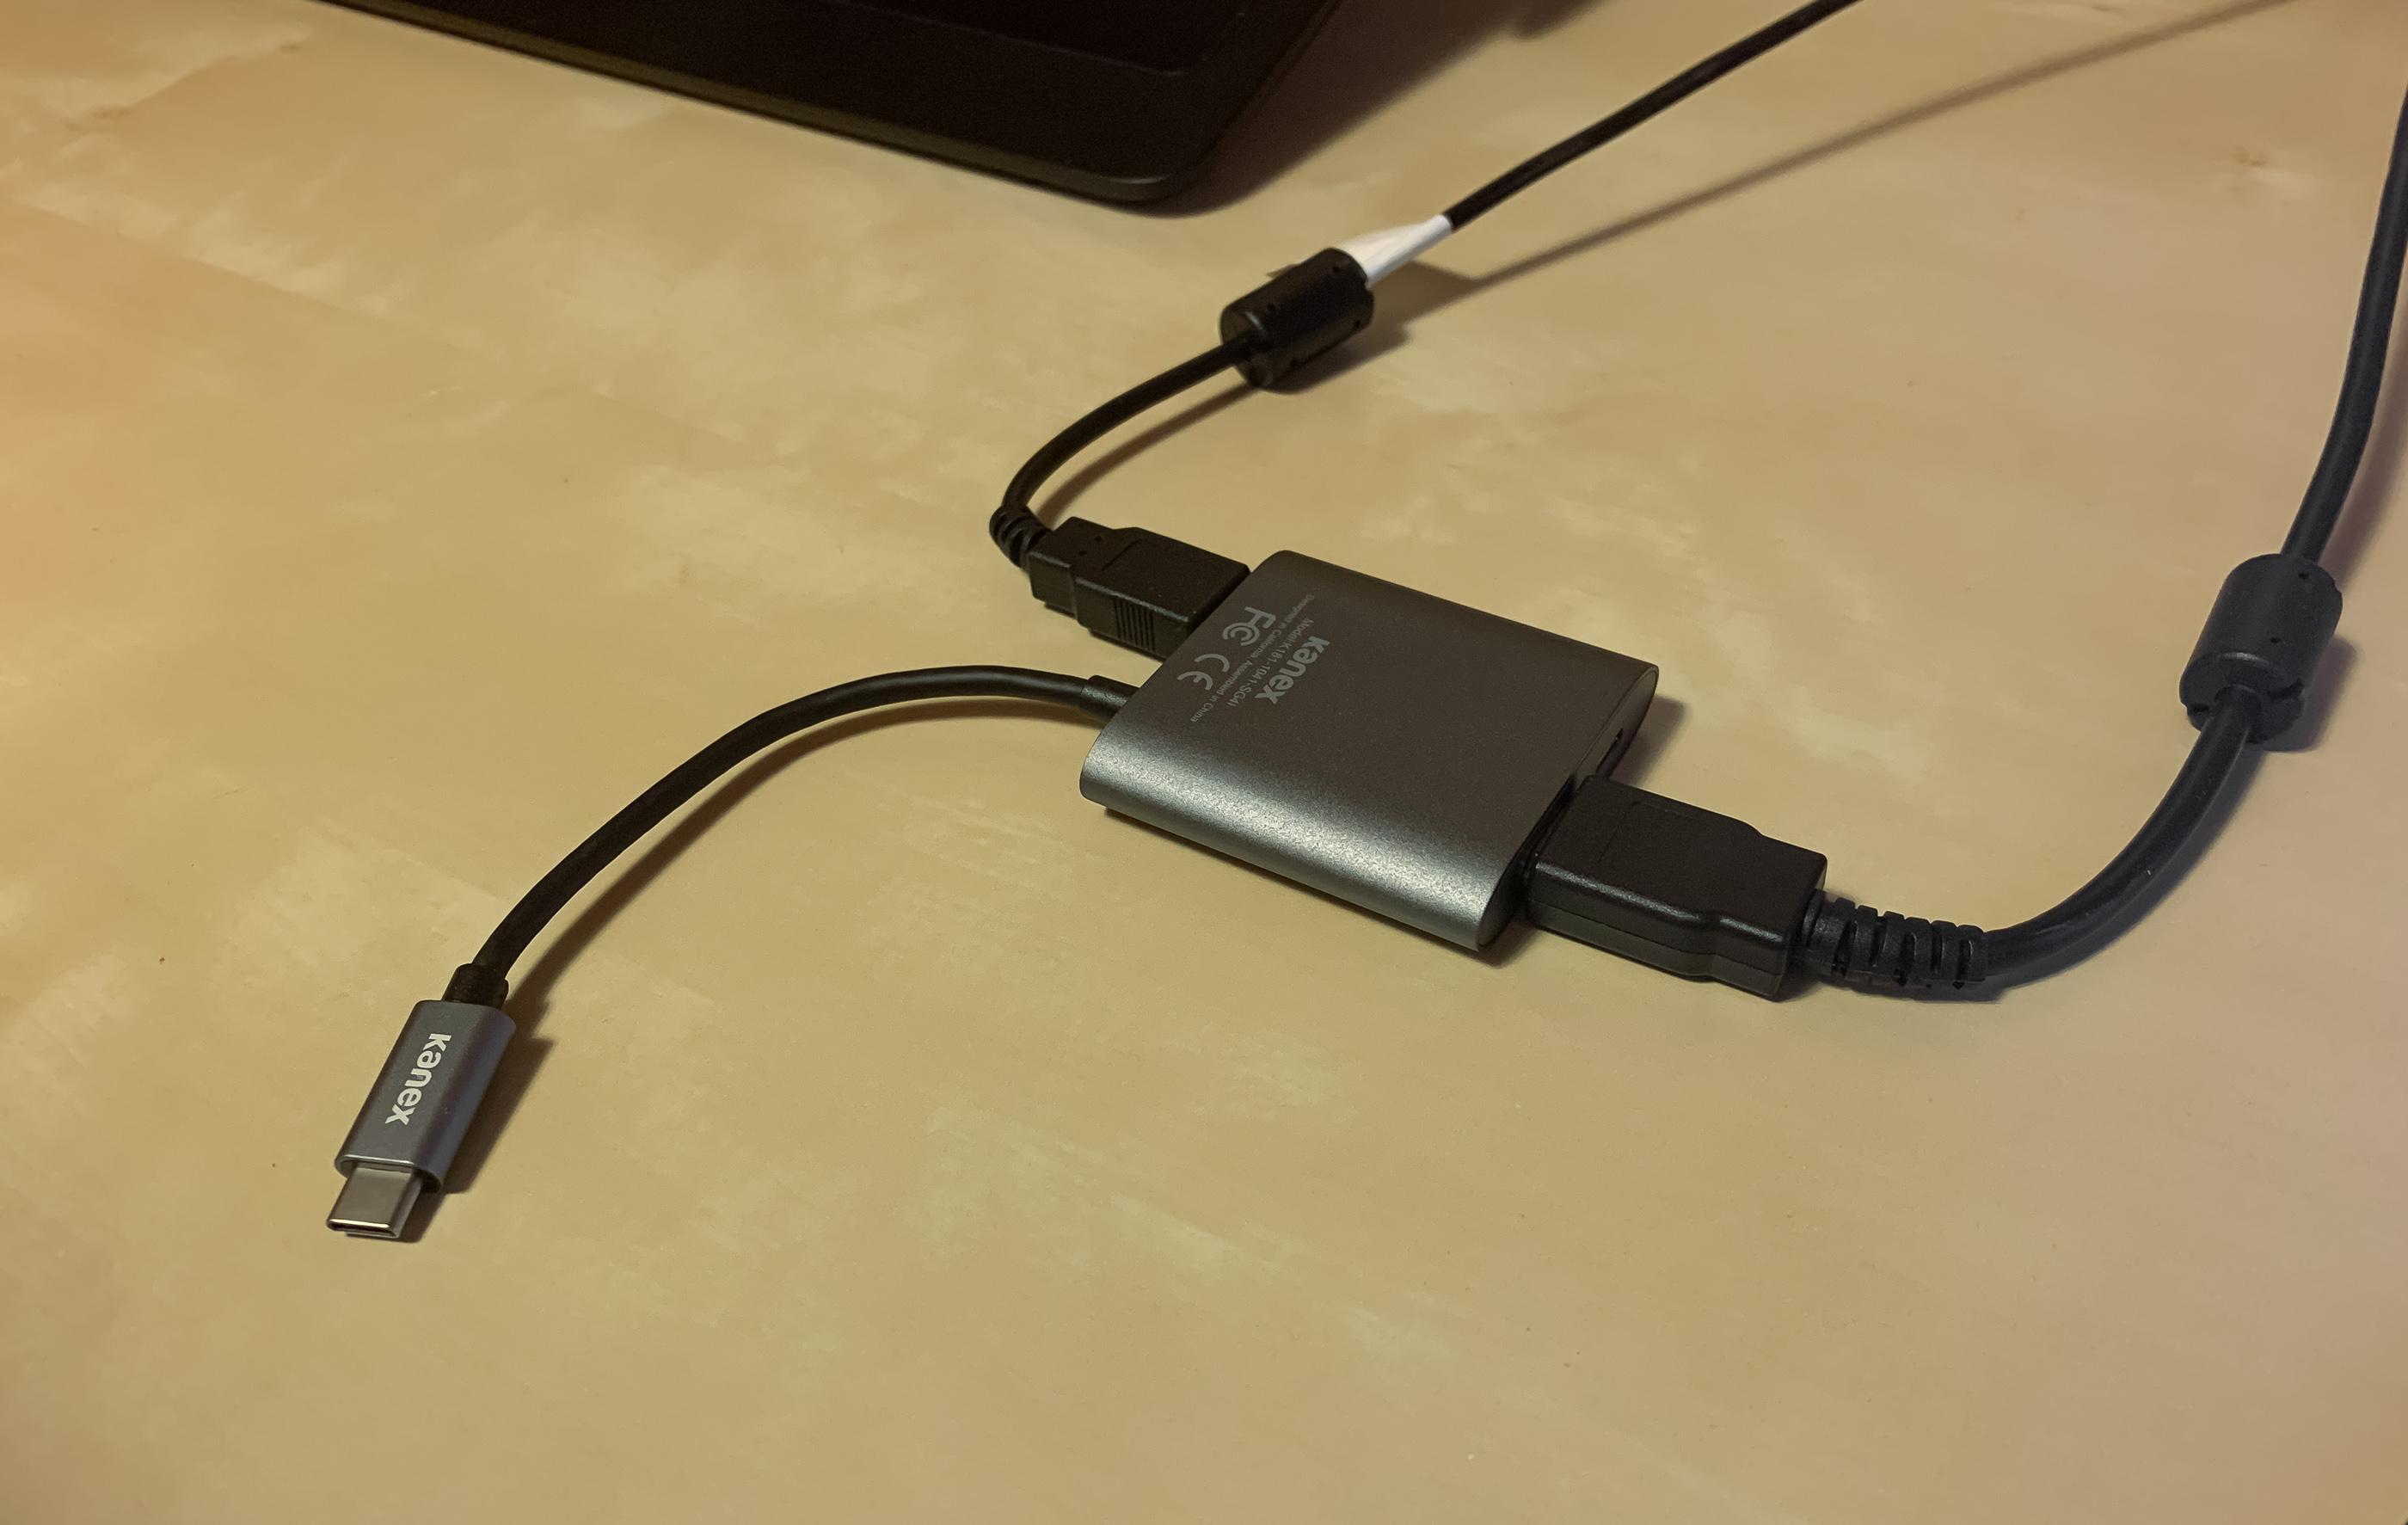 Wacom Cintiq 16 cables